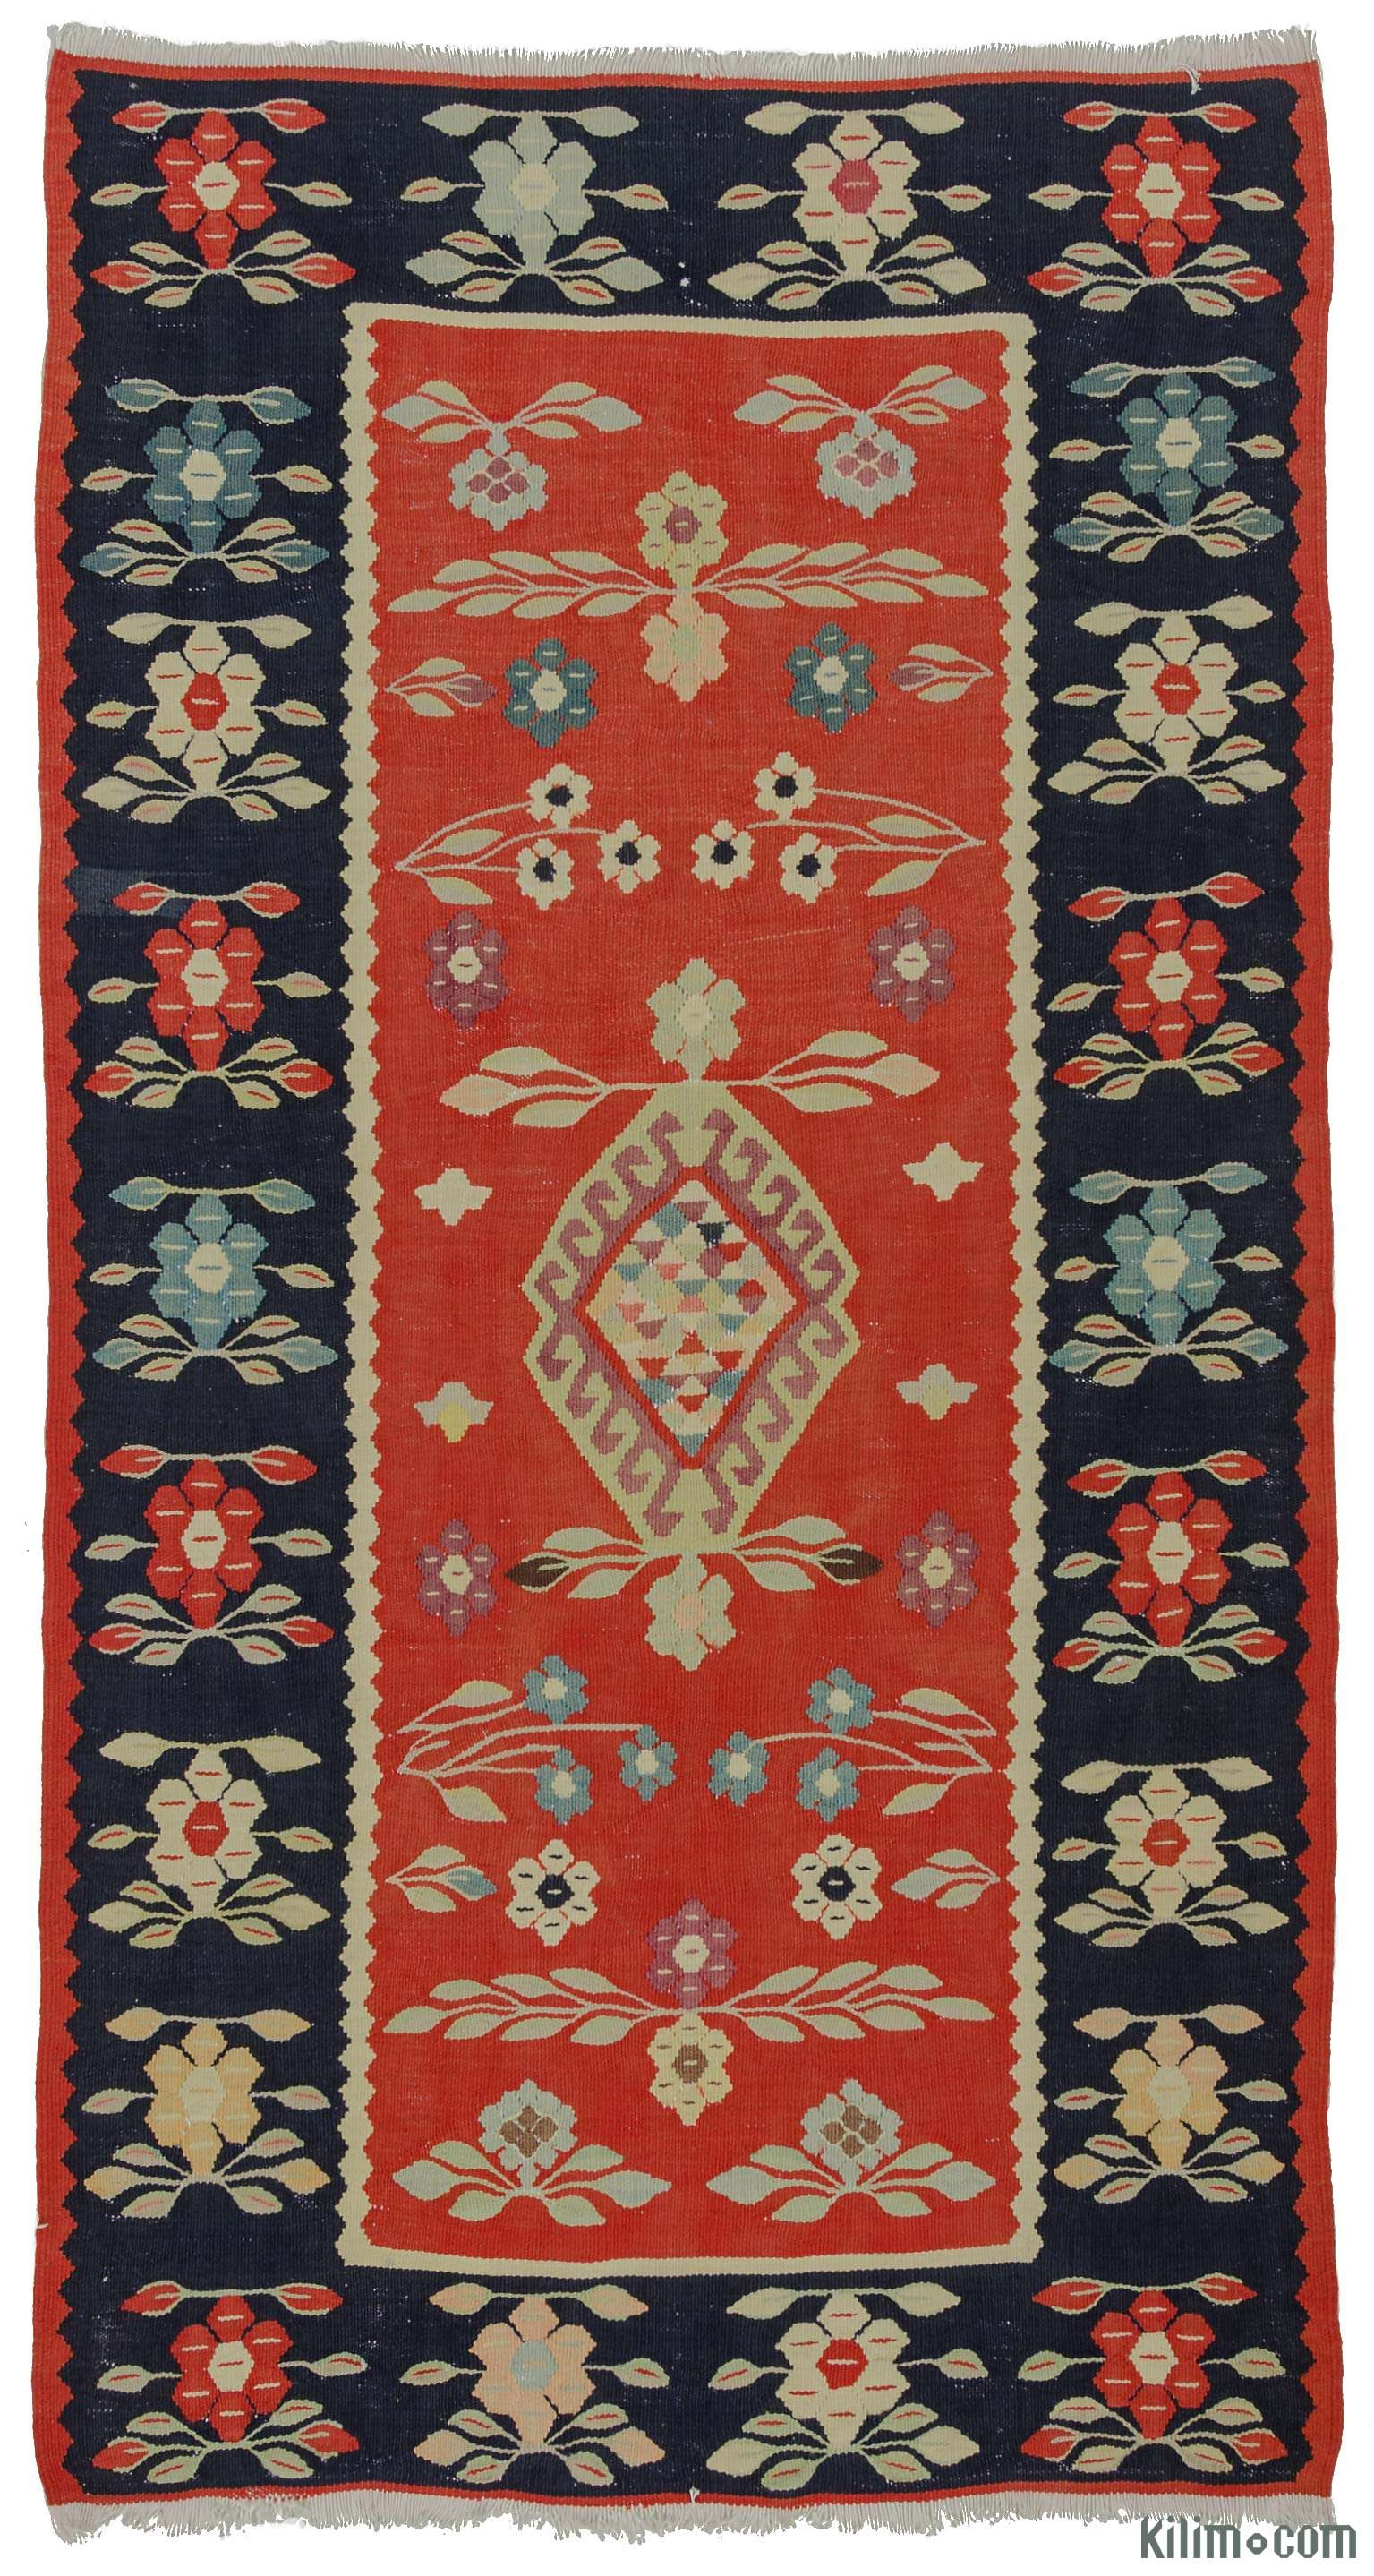 K0009728 Red Blue Vintage Romanian Kilim Rug Kilim Rugs In Kilim Rugs (Image 7 of 15)